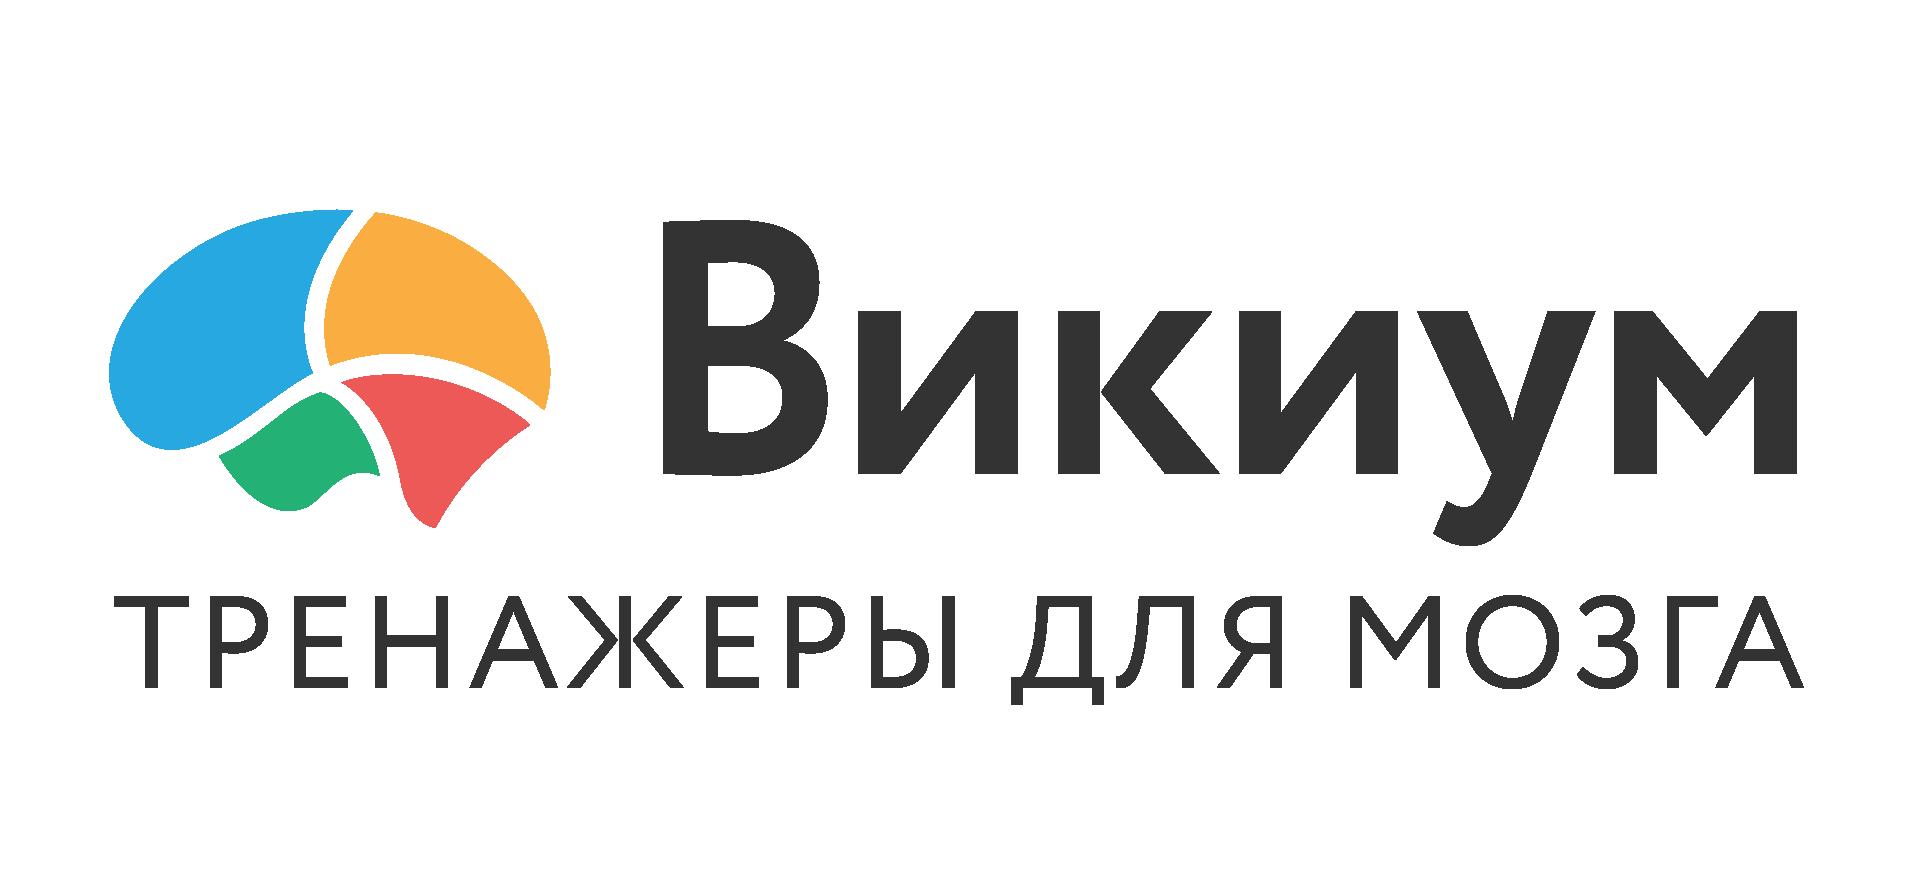 https://wikium.ru/